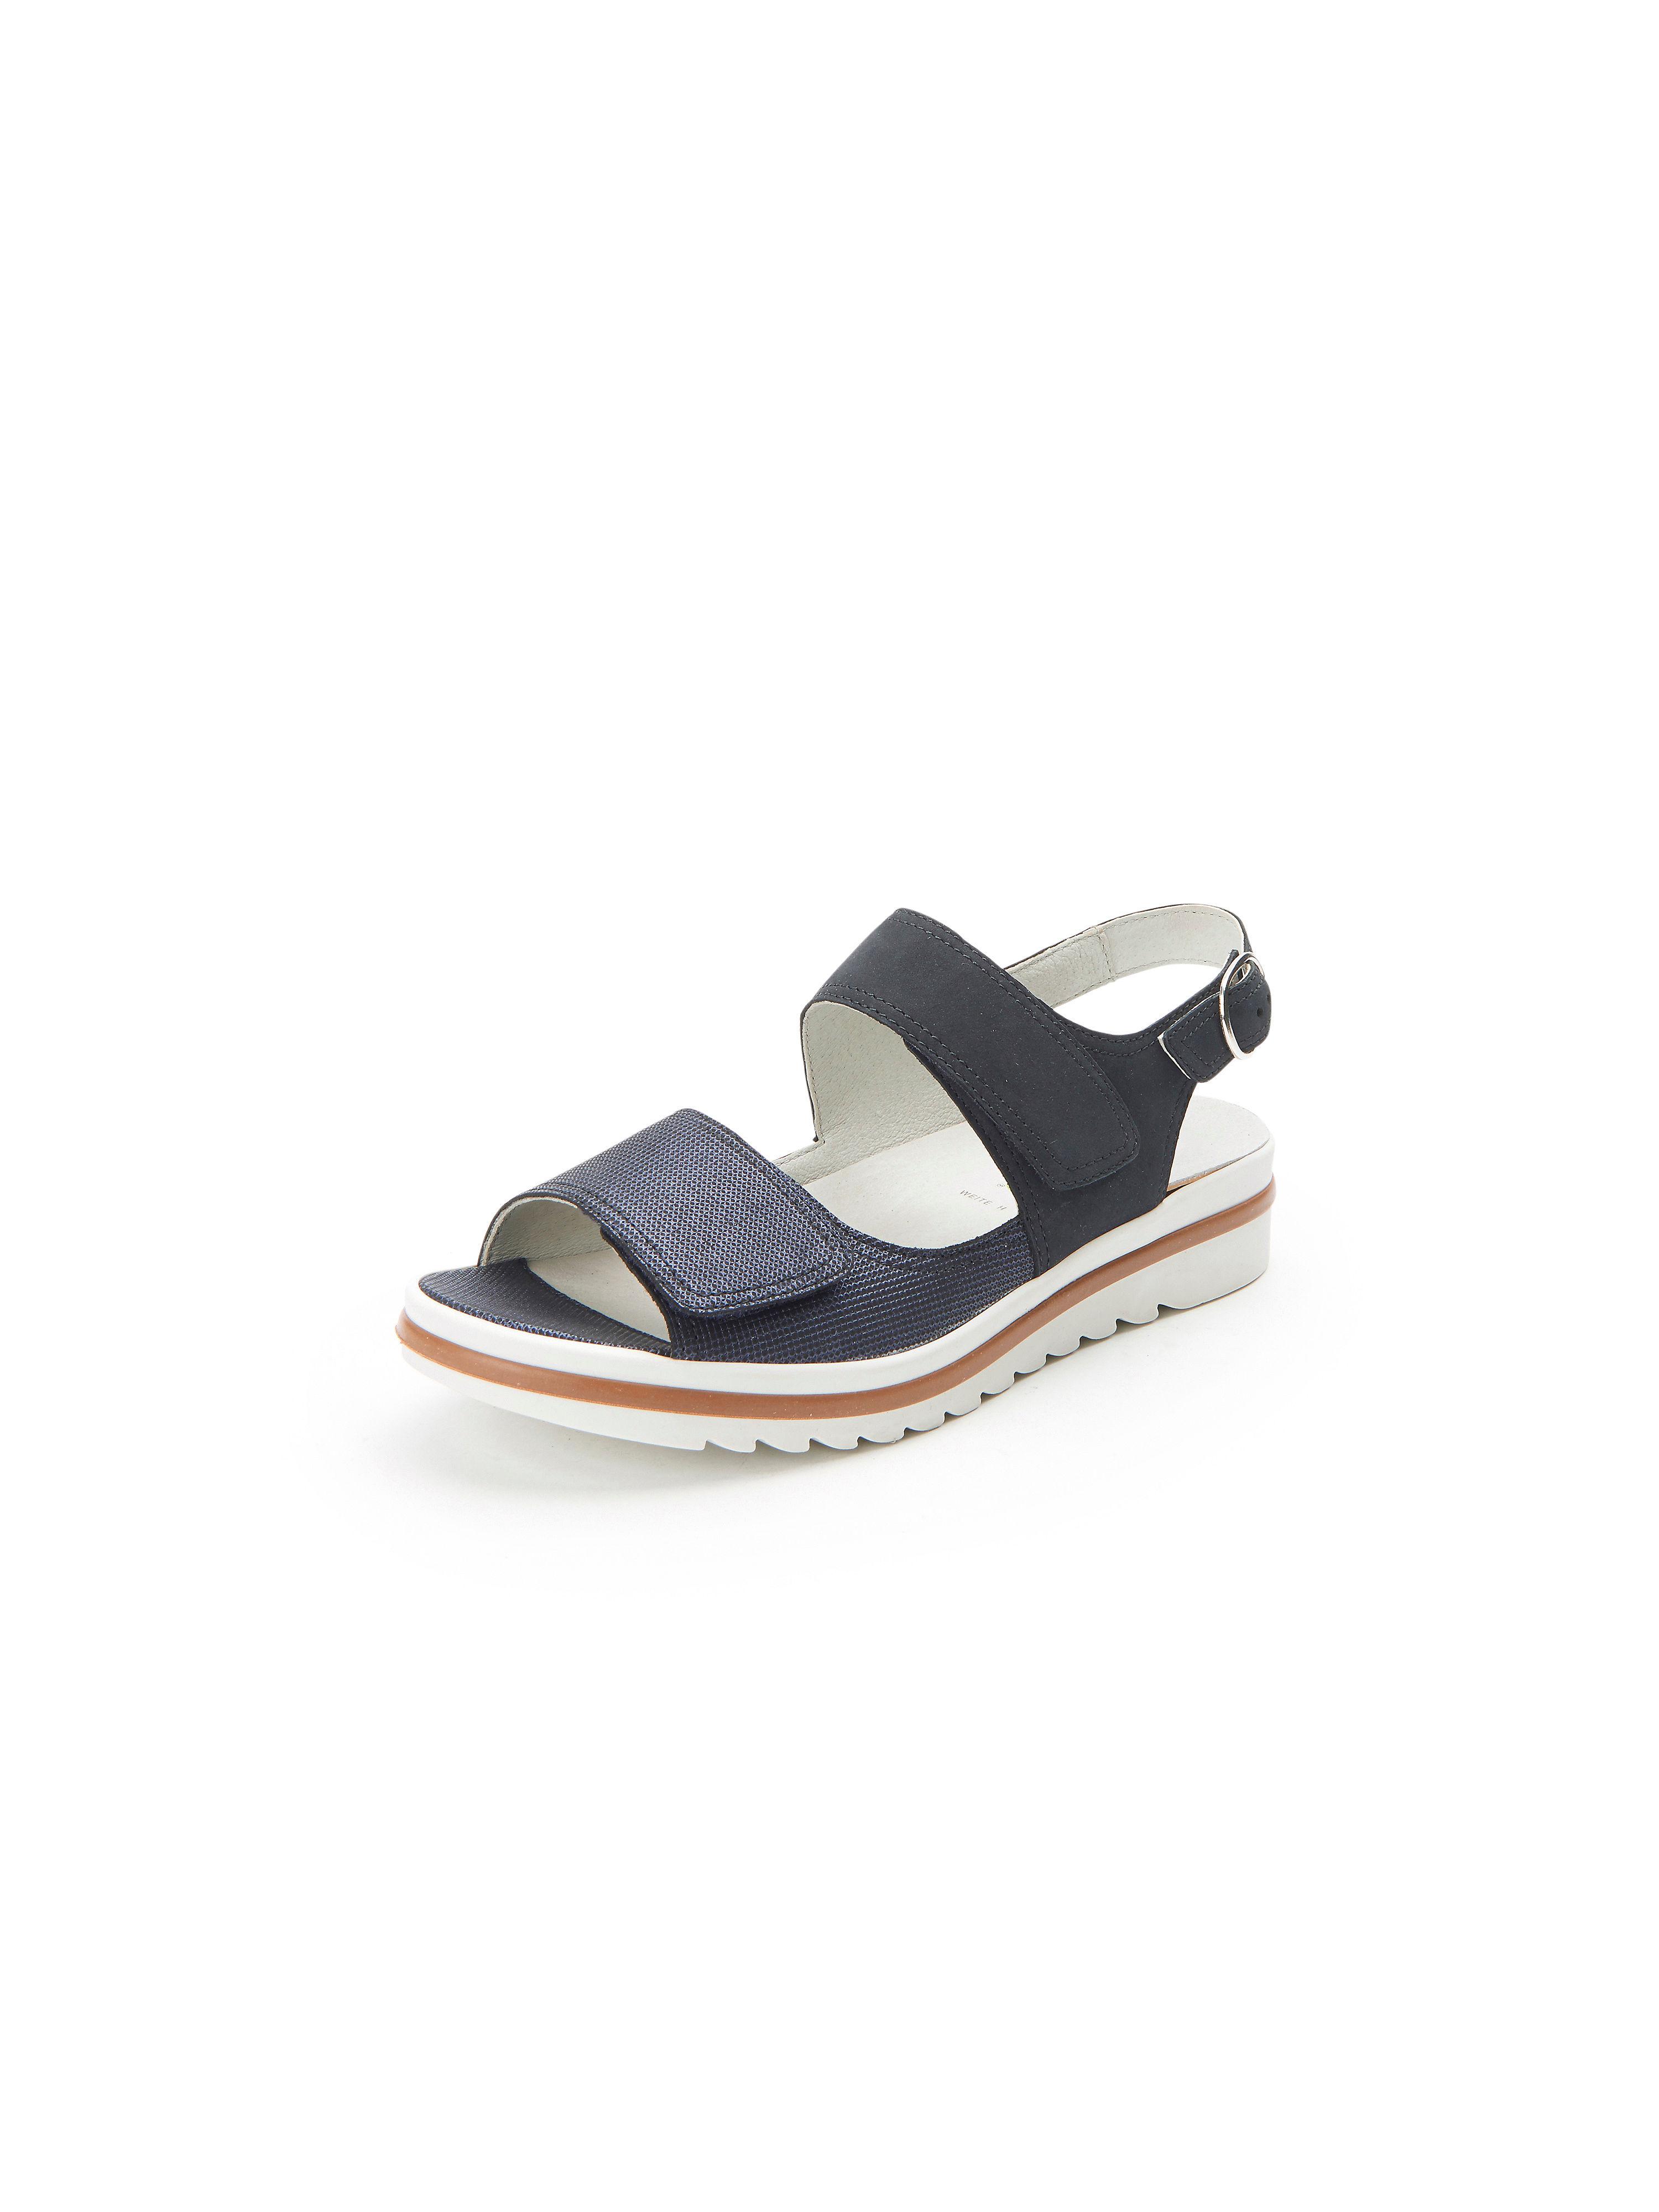 Les sandales cuir, modèle HENJA Waldläufer bleu taille 37